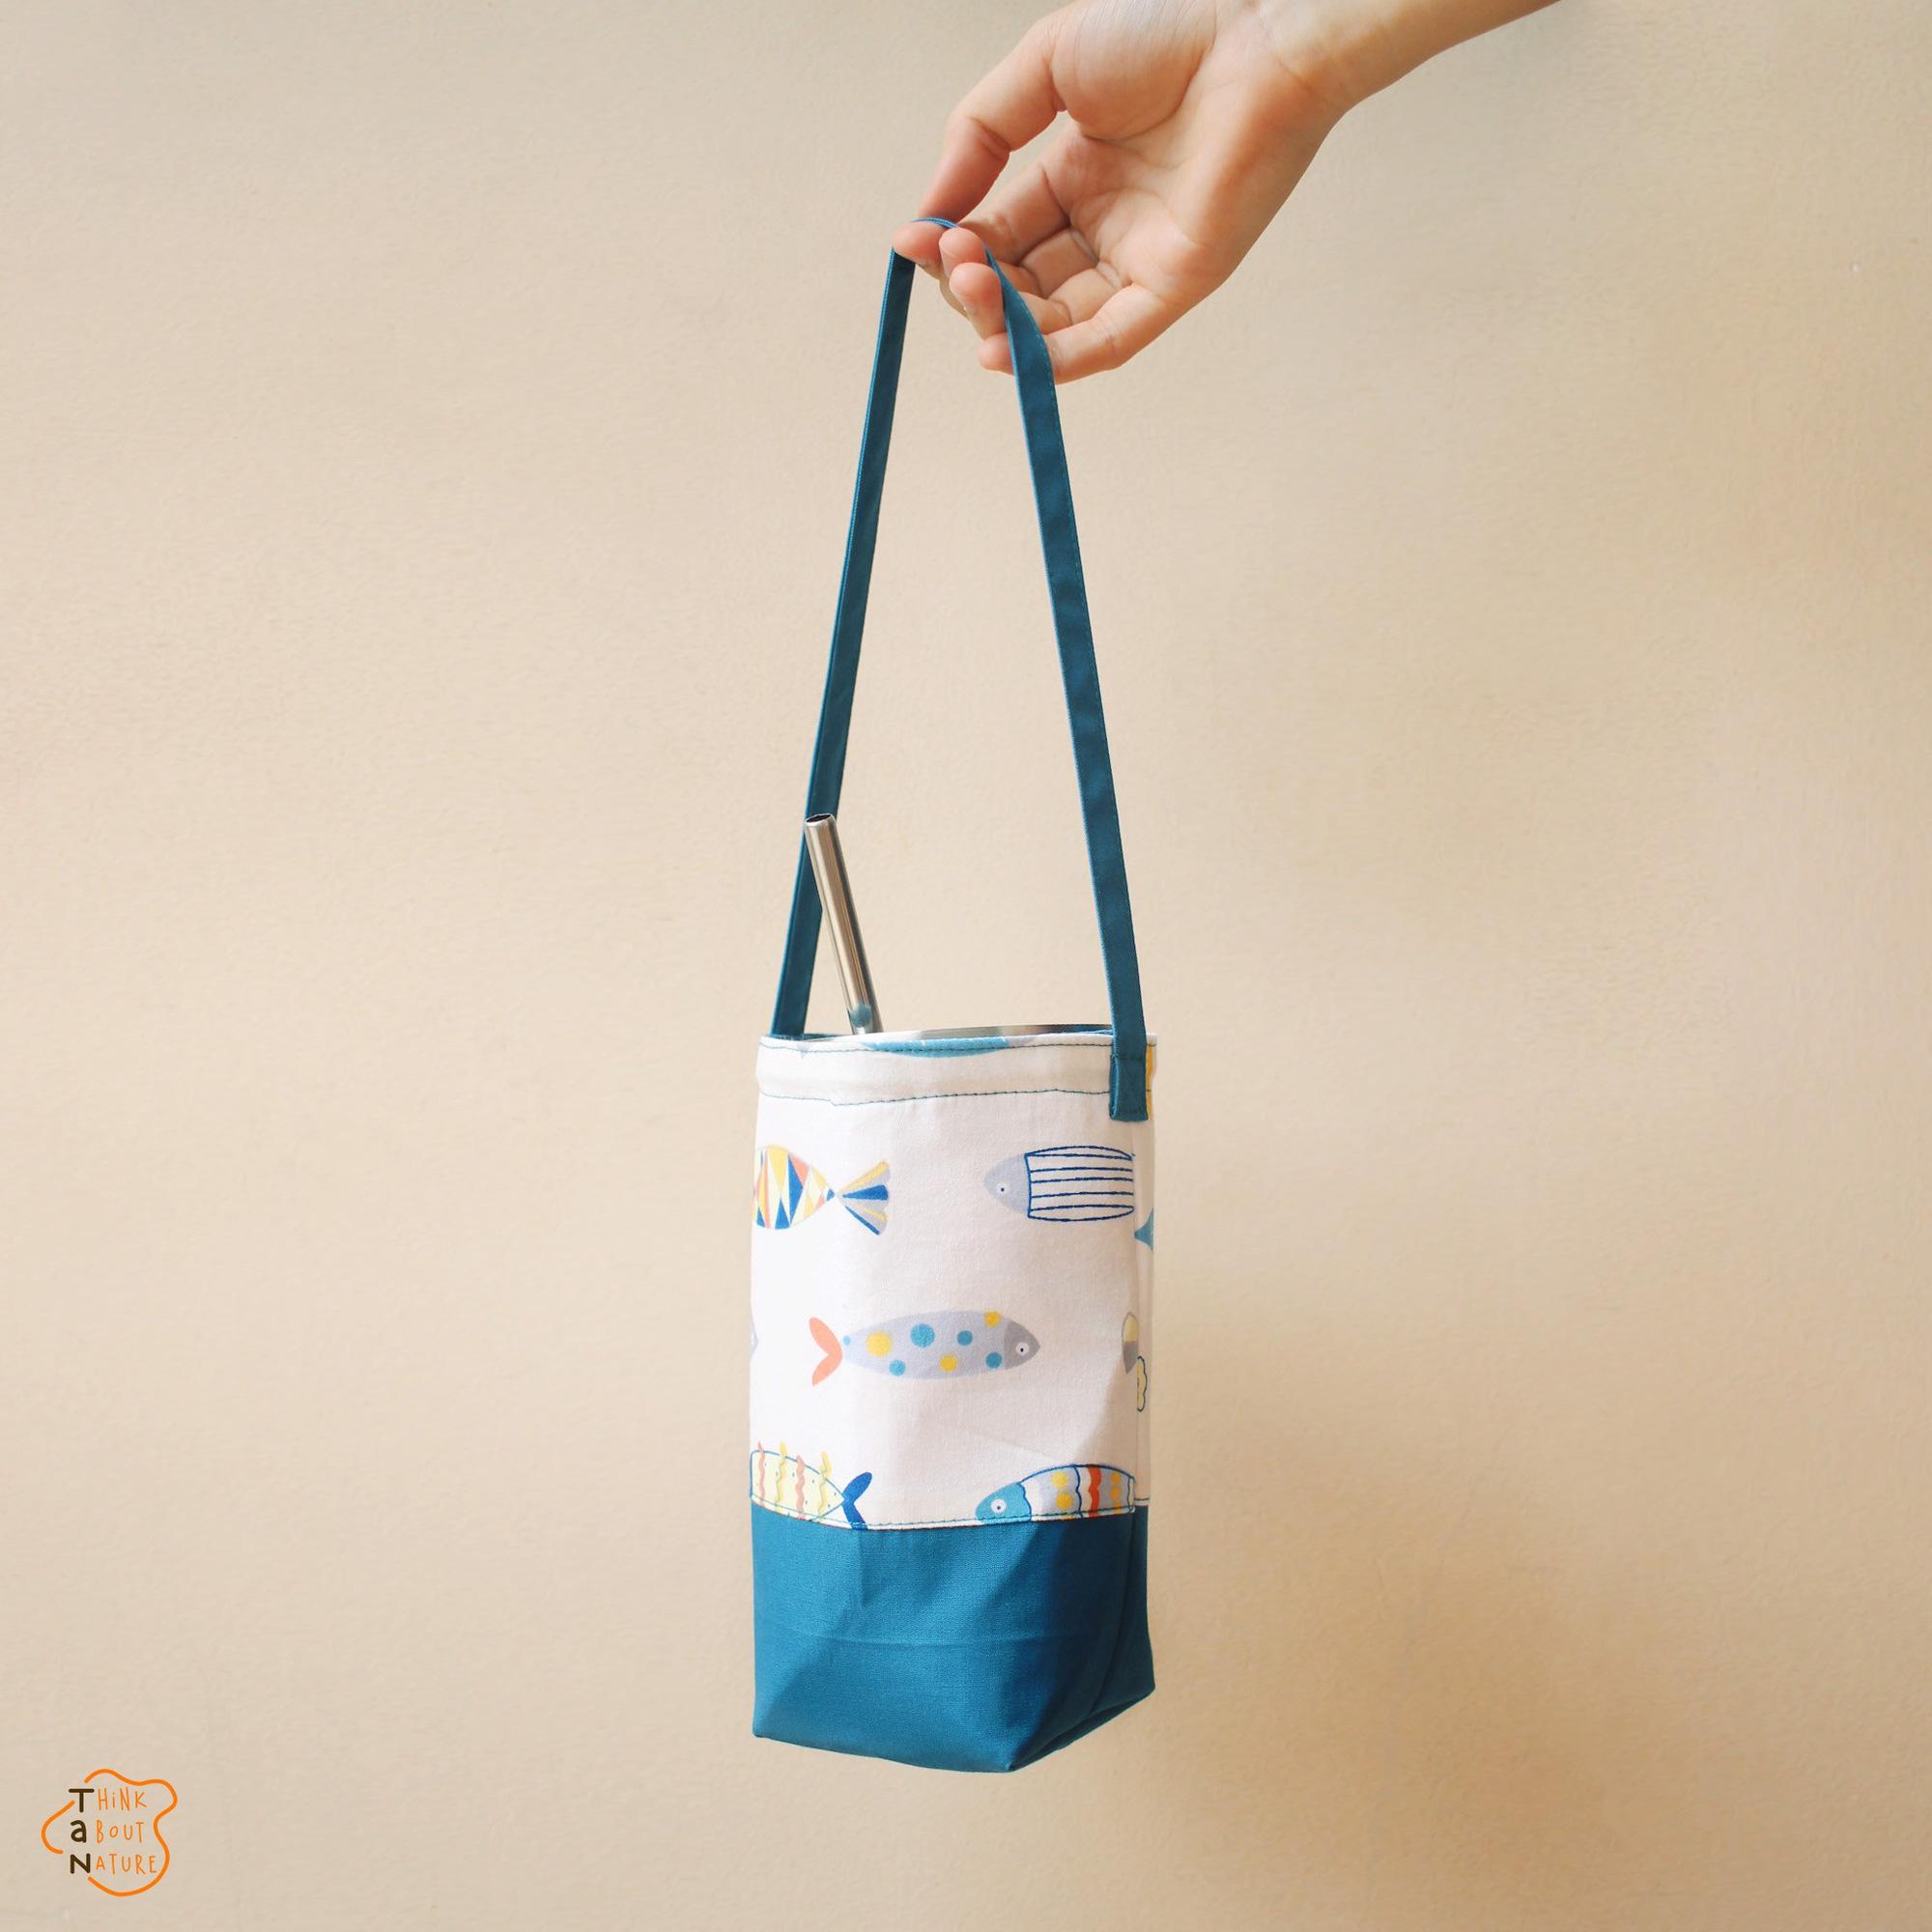 Túi vải đựng bình nước dưới 160k kiêm luôn phụ kiện xinh xẻo - Ảnh 6.